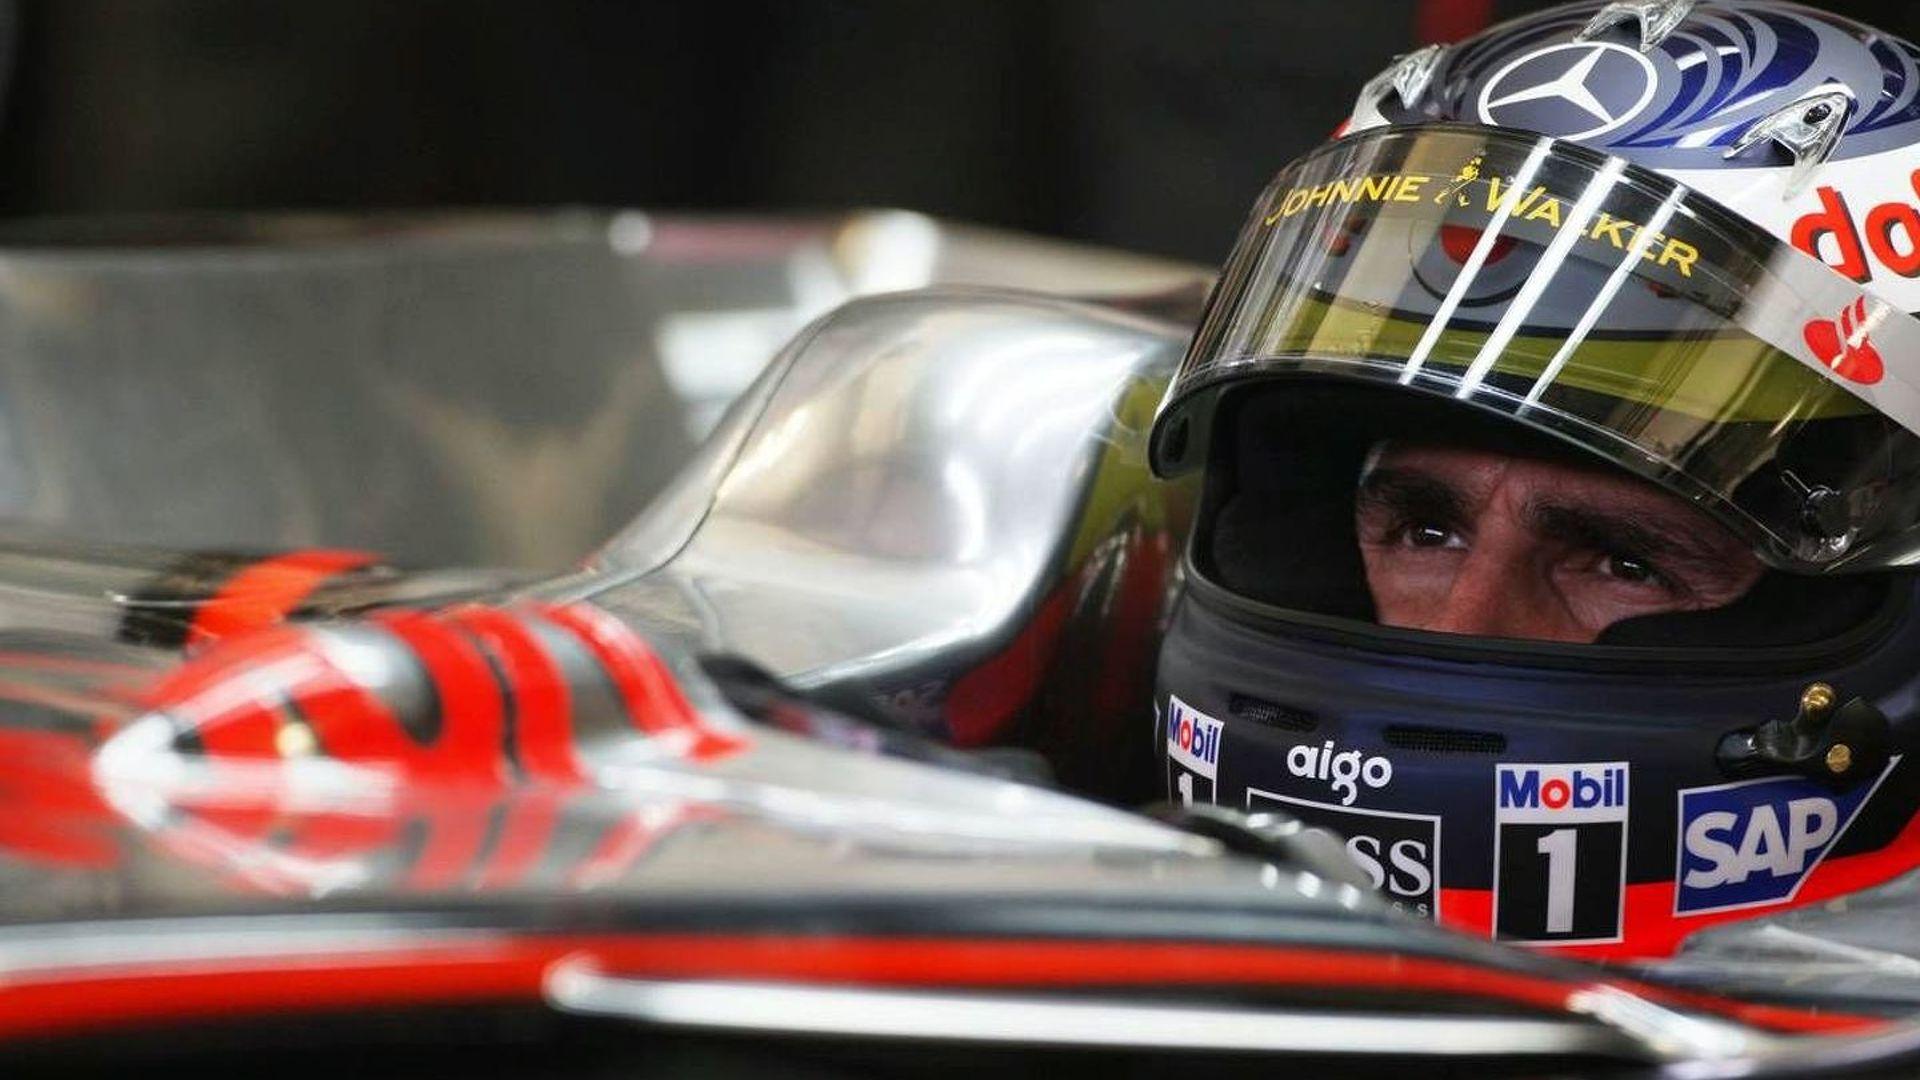 De la Rosa could return as McLaren tester